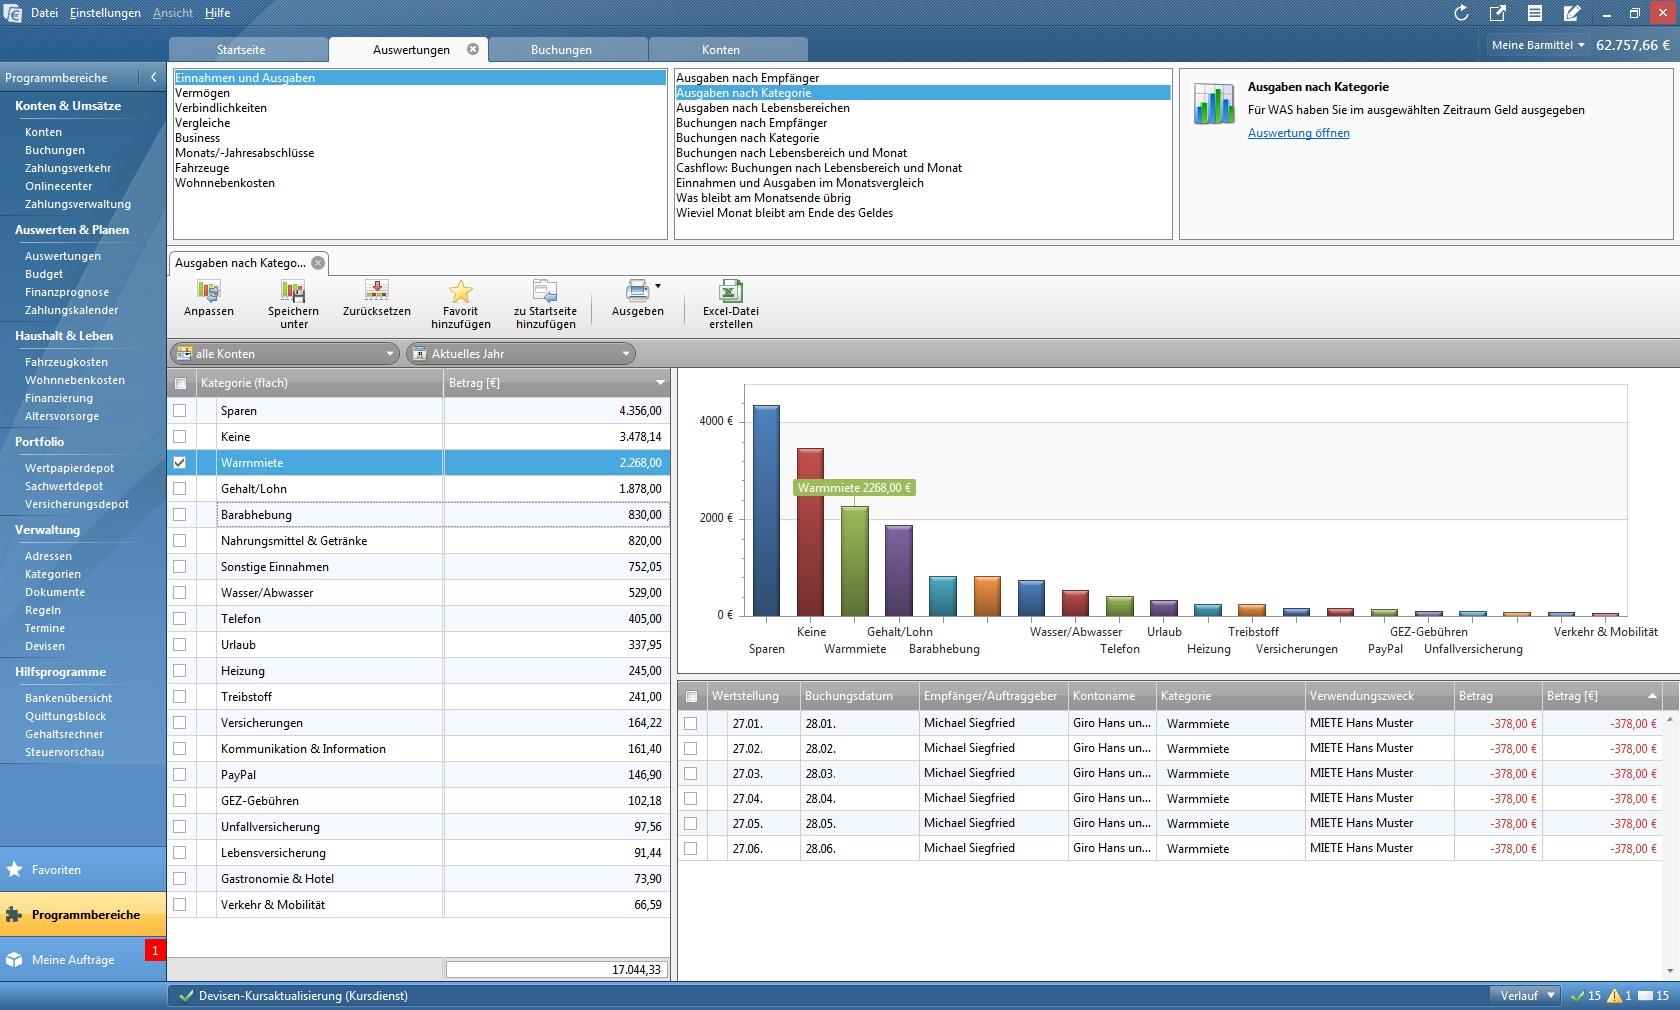 Mit der Finanzanalyse können Sie sich Auswertungen in grafischer und/oder tabellarischer Form anzeigen lassen. Das Programm bietet Ihnen eine Reihe vordefinierter Berichte. Jeder Bericht kann individuell angepasst und verändert werden.